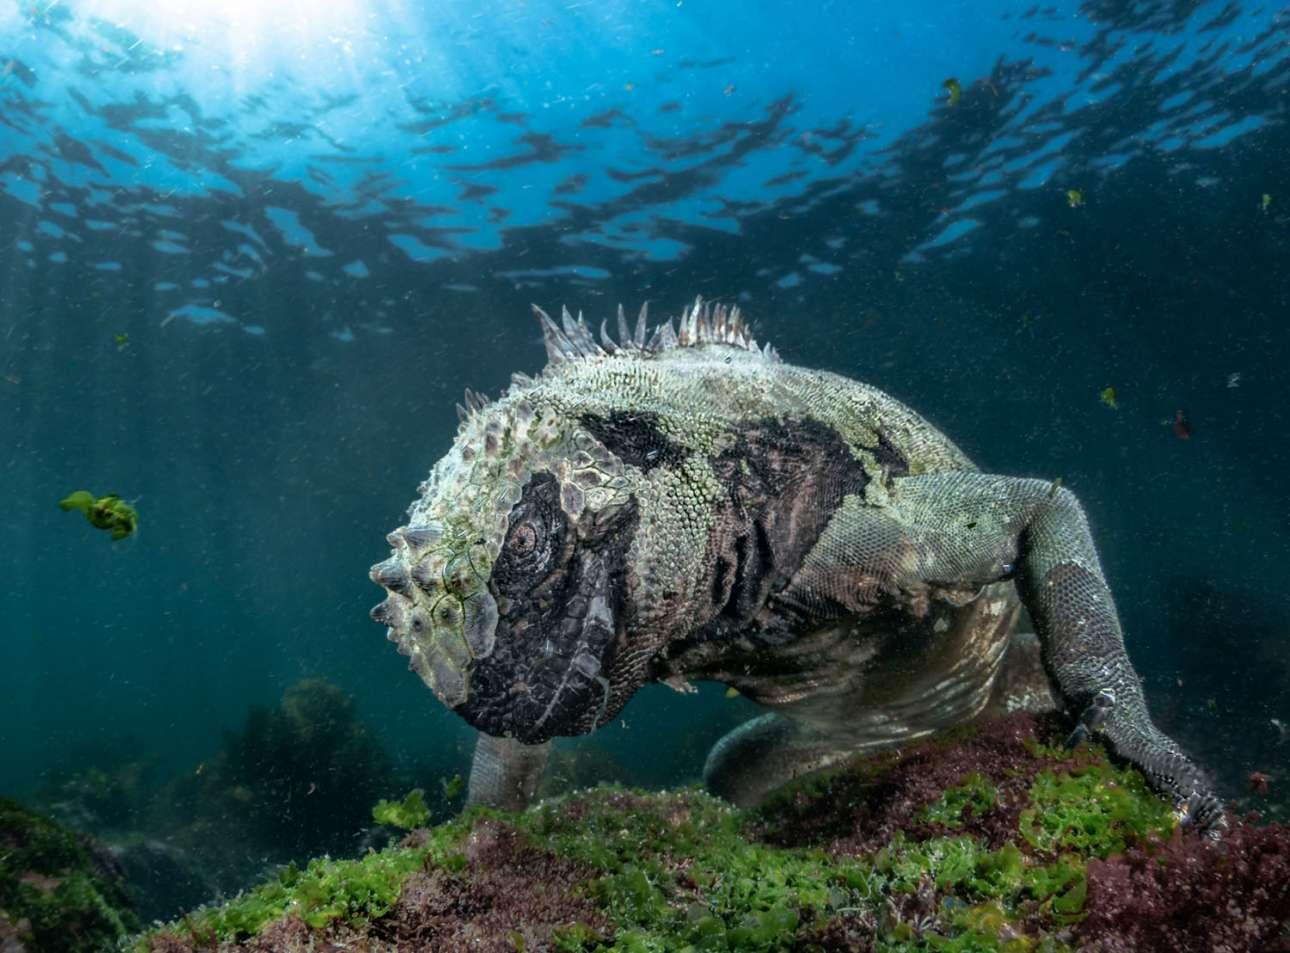 «Θαλάσσιος δράκος», βραβείο στην κατηγορία Υδρόβια Ζωή. Τα ιγκουάνα των νησιών Γκαλαπάγκος είναι τα μόνα που βουτάνε μέσα στη θάλασσα. Καθώς οι επιλογές για τροφή είναι ελάχιστες κατά μήκος των ηφαιστειακών ακτών των νησιών, τα ιγκουάνα έχουν εξελιχθεί και την αναζητούν στη θάλασσα. Με μία ανάσα κατεβαίνουν σε βάθος 25 μέτρων και τρέφονται με φύκια που μεγαλώνουν στα κρύα, πλούσια σε θρεπτικές ουσίες νερά των Γκαλαπάγκος